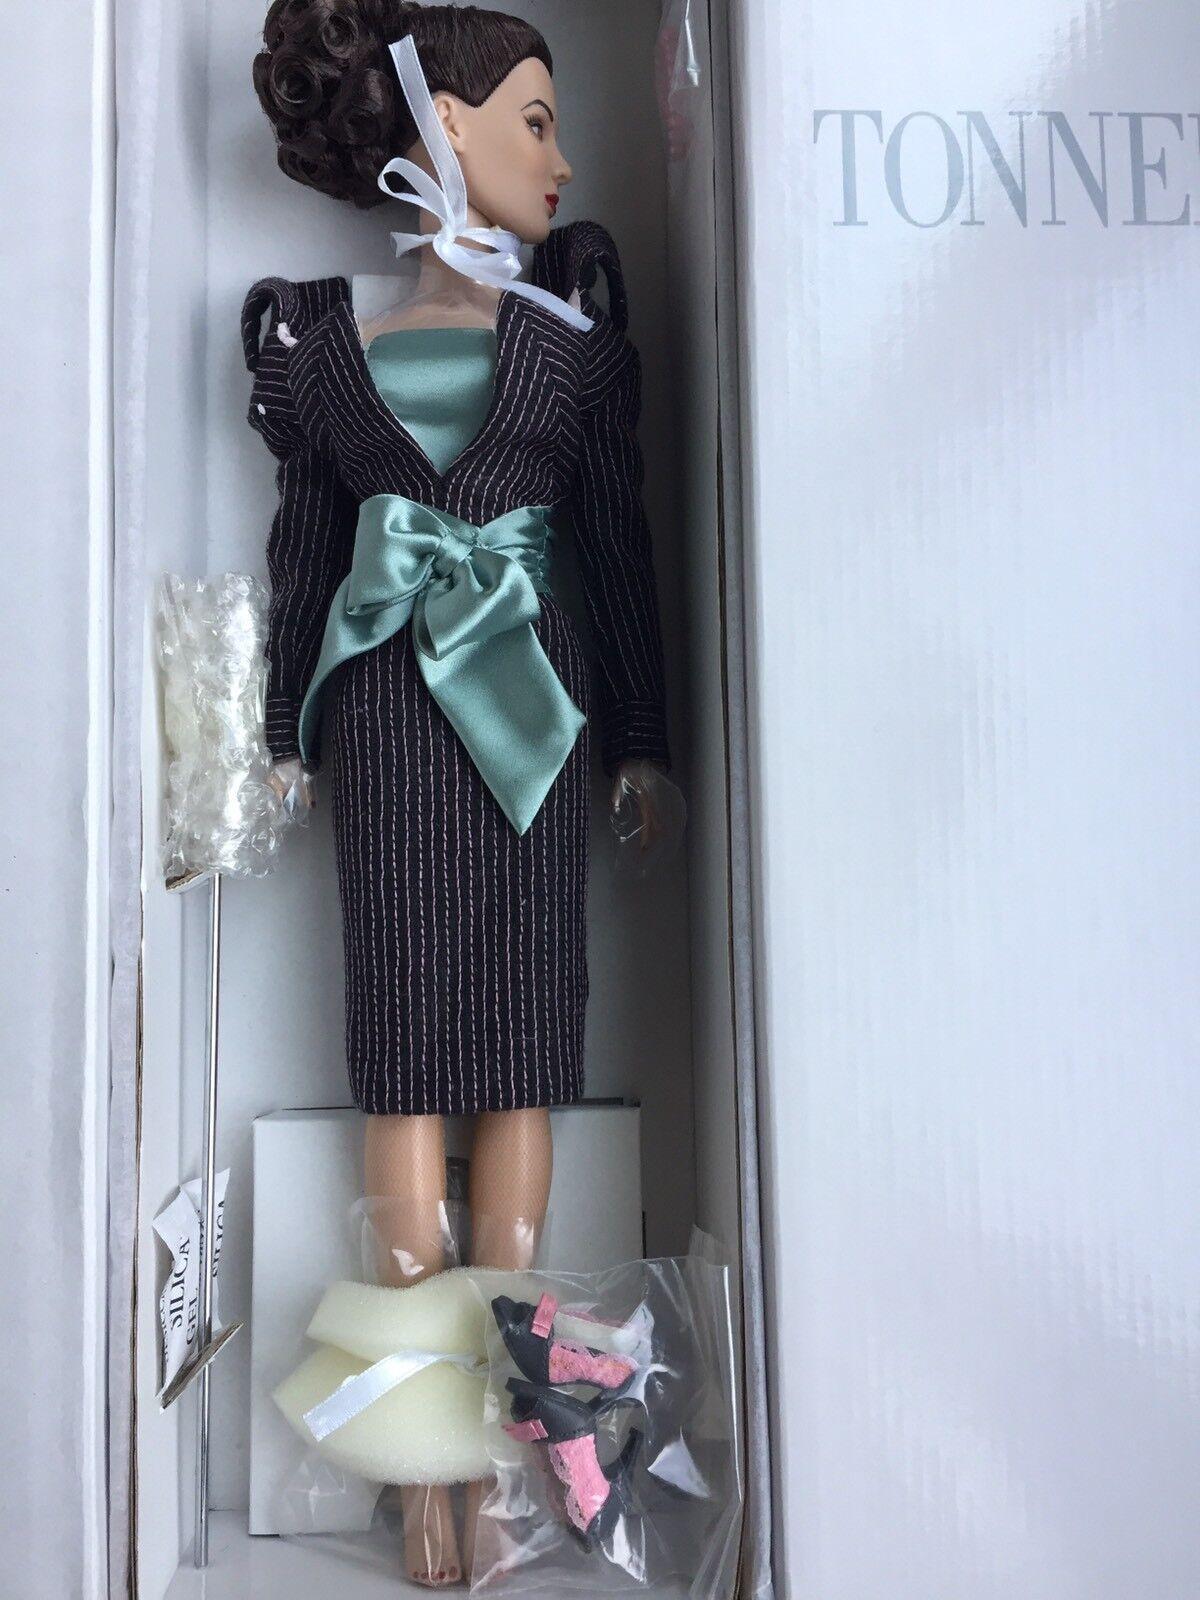 """Tonner Merli Stimple Girl Doll Kripplebush Kids Body Anne Harper Designs 8.5/"""""""